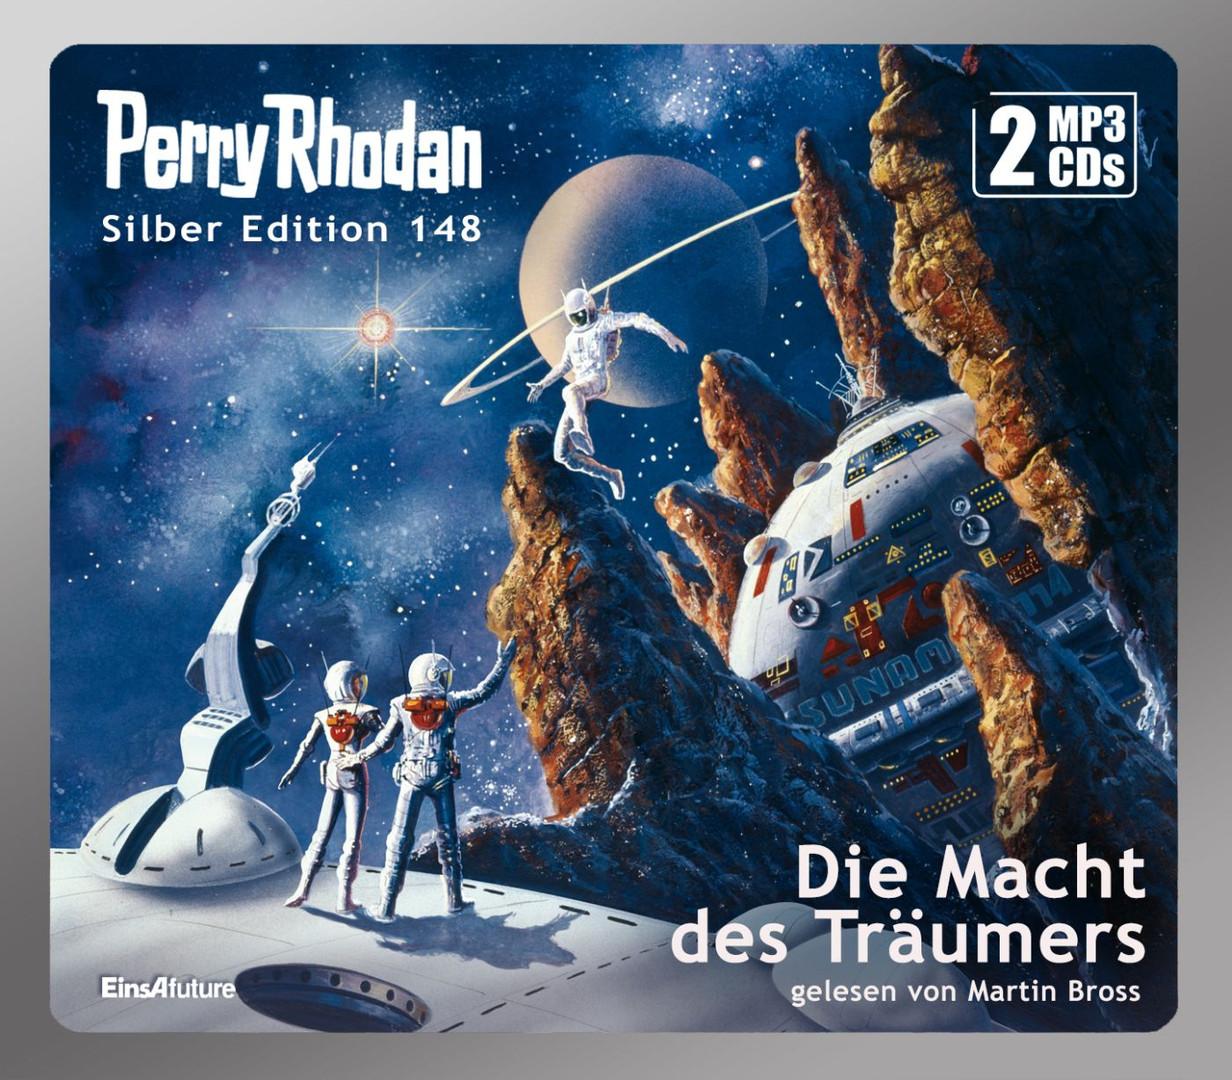 Perry Rhodan Silber Edition 148: Die Macht des Träumers (2 mp3-CDs)